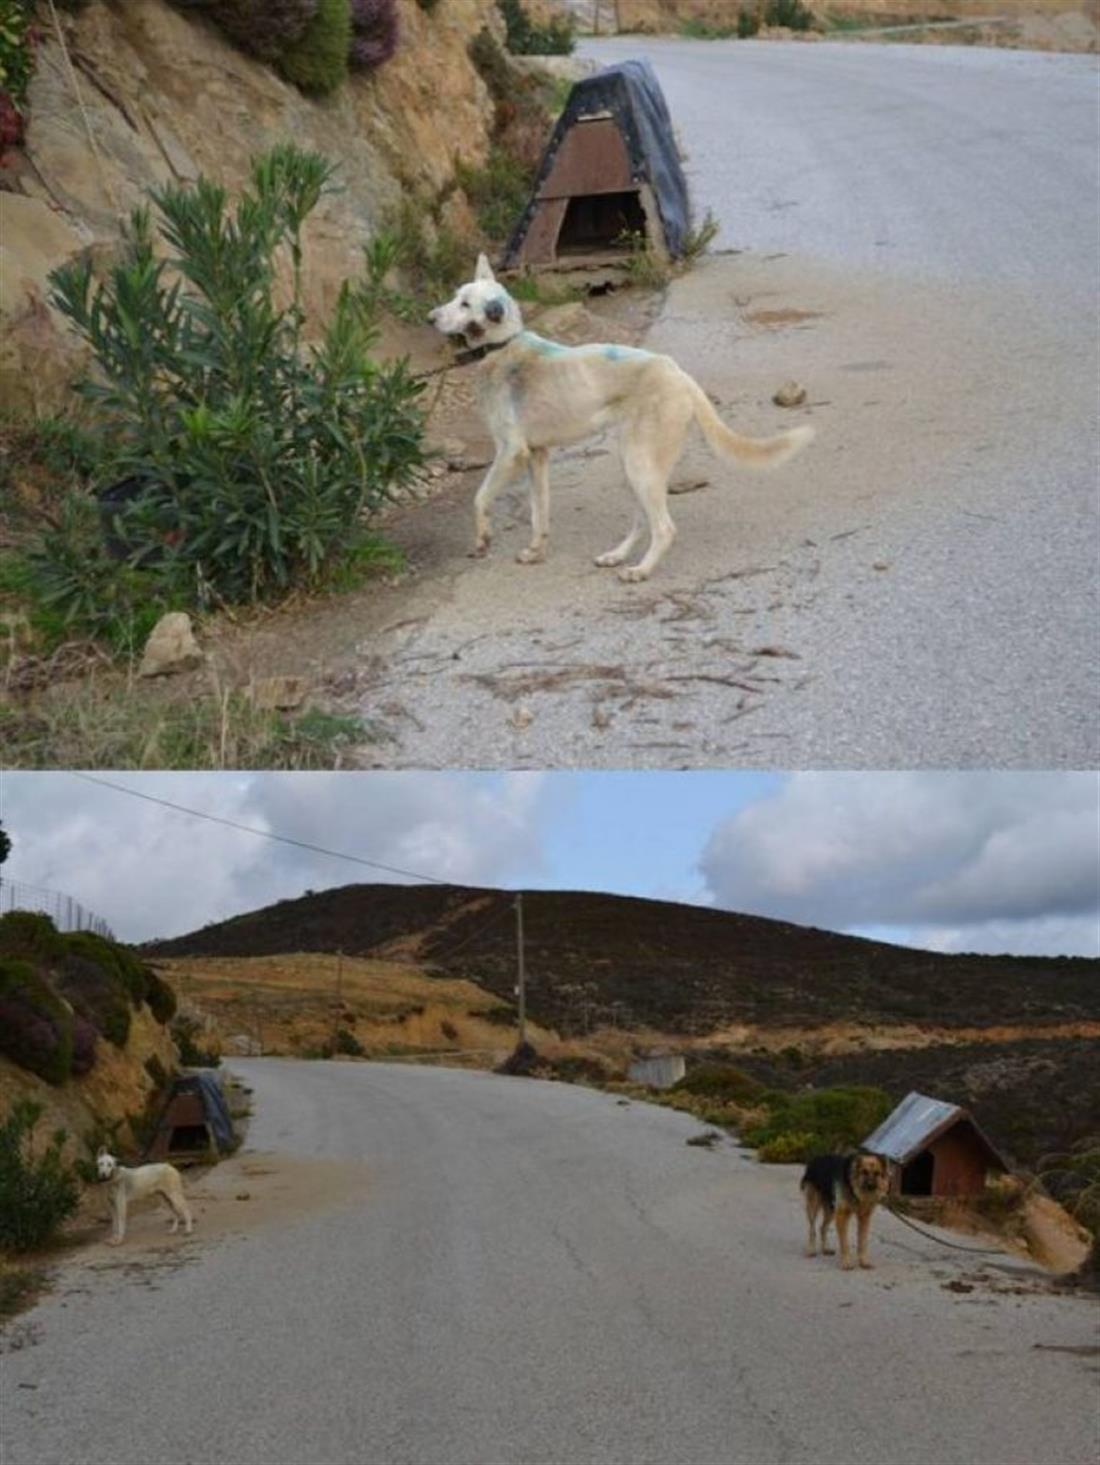 Χανιά - κακοποίηση σκύλων